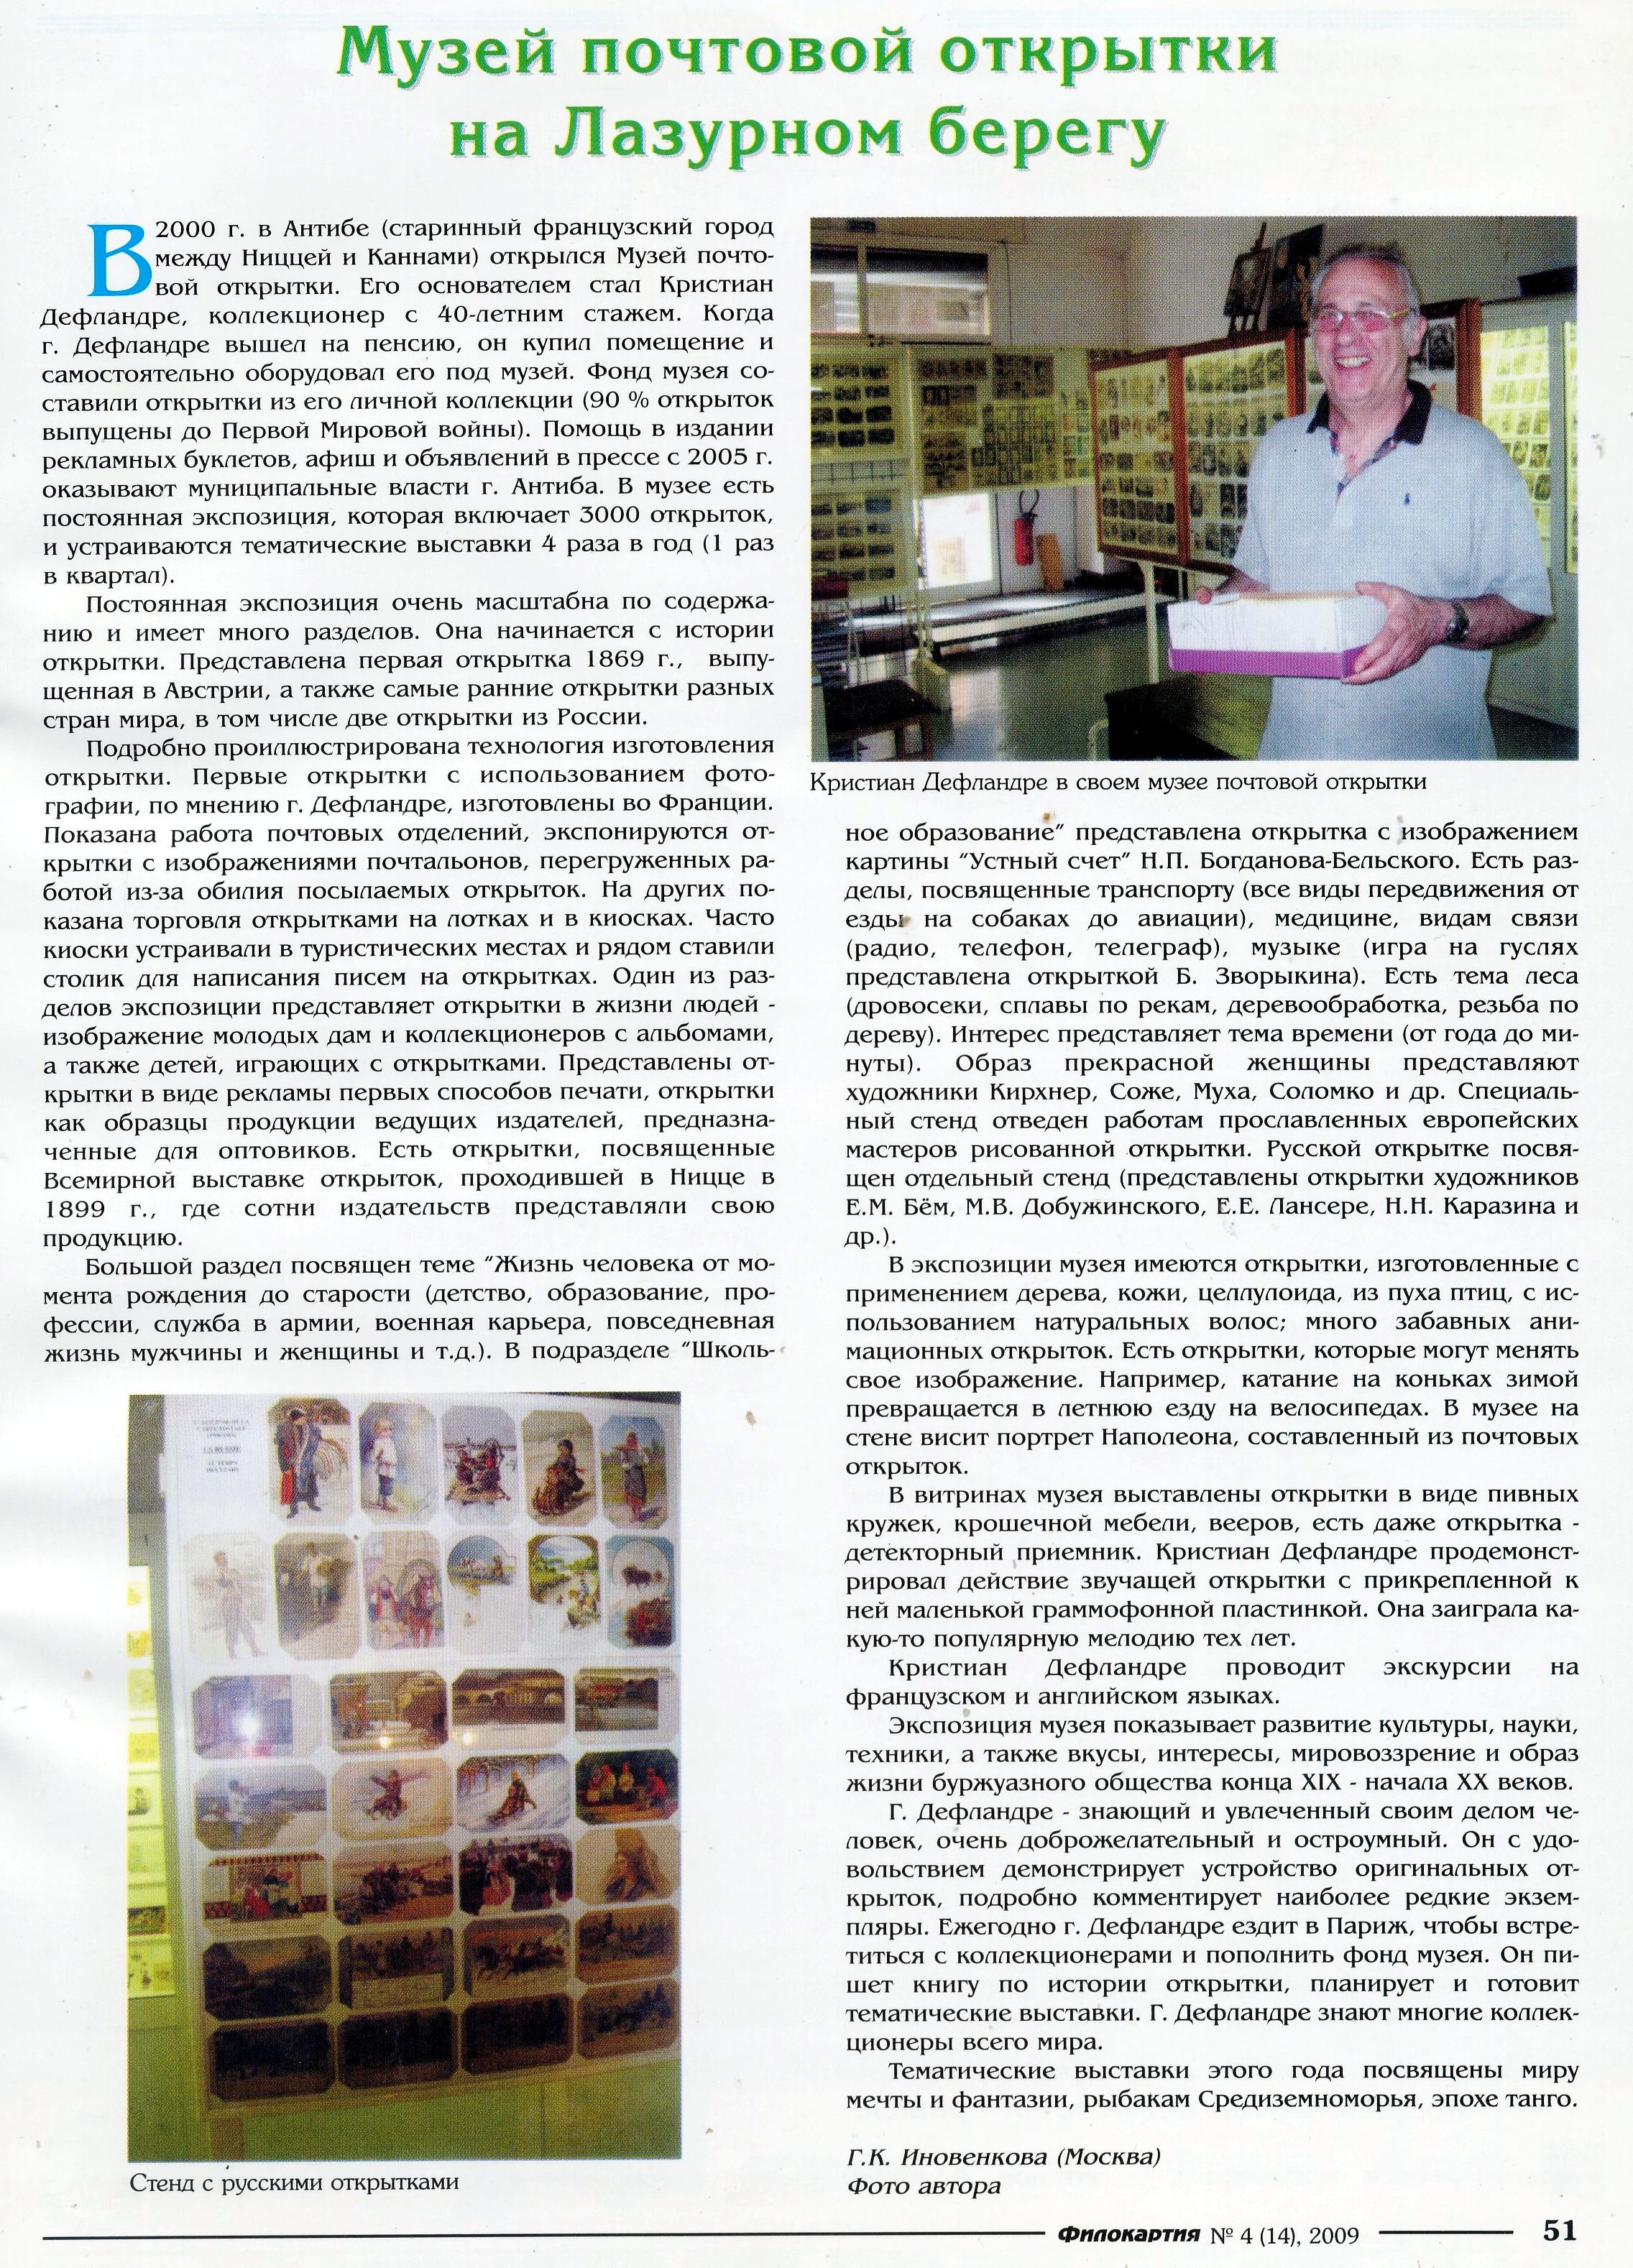 Article de presse russe parlant du musée de la carte postale, à Antibes.